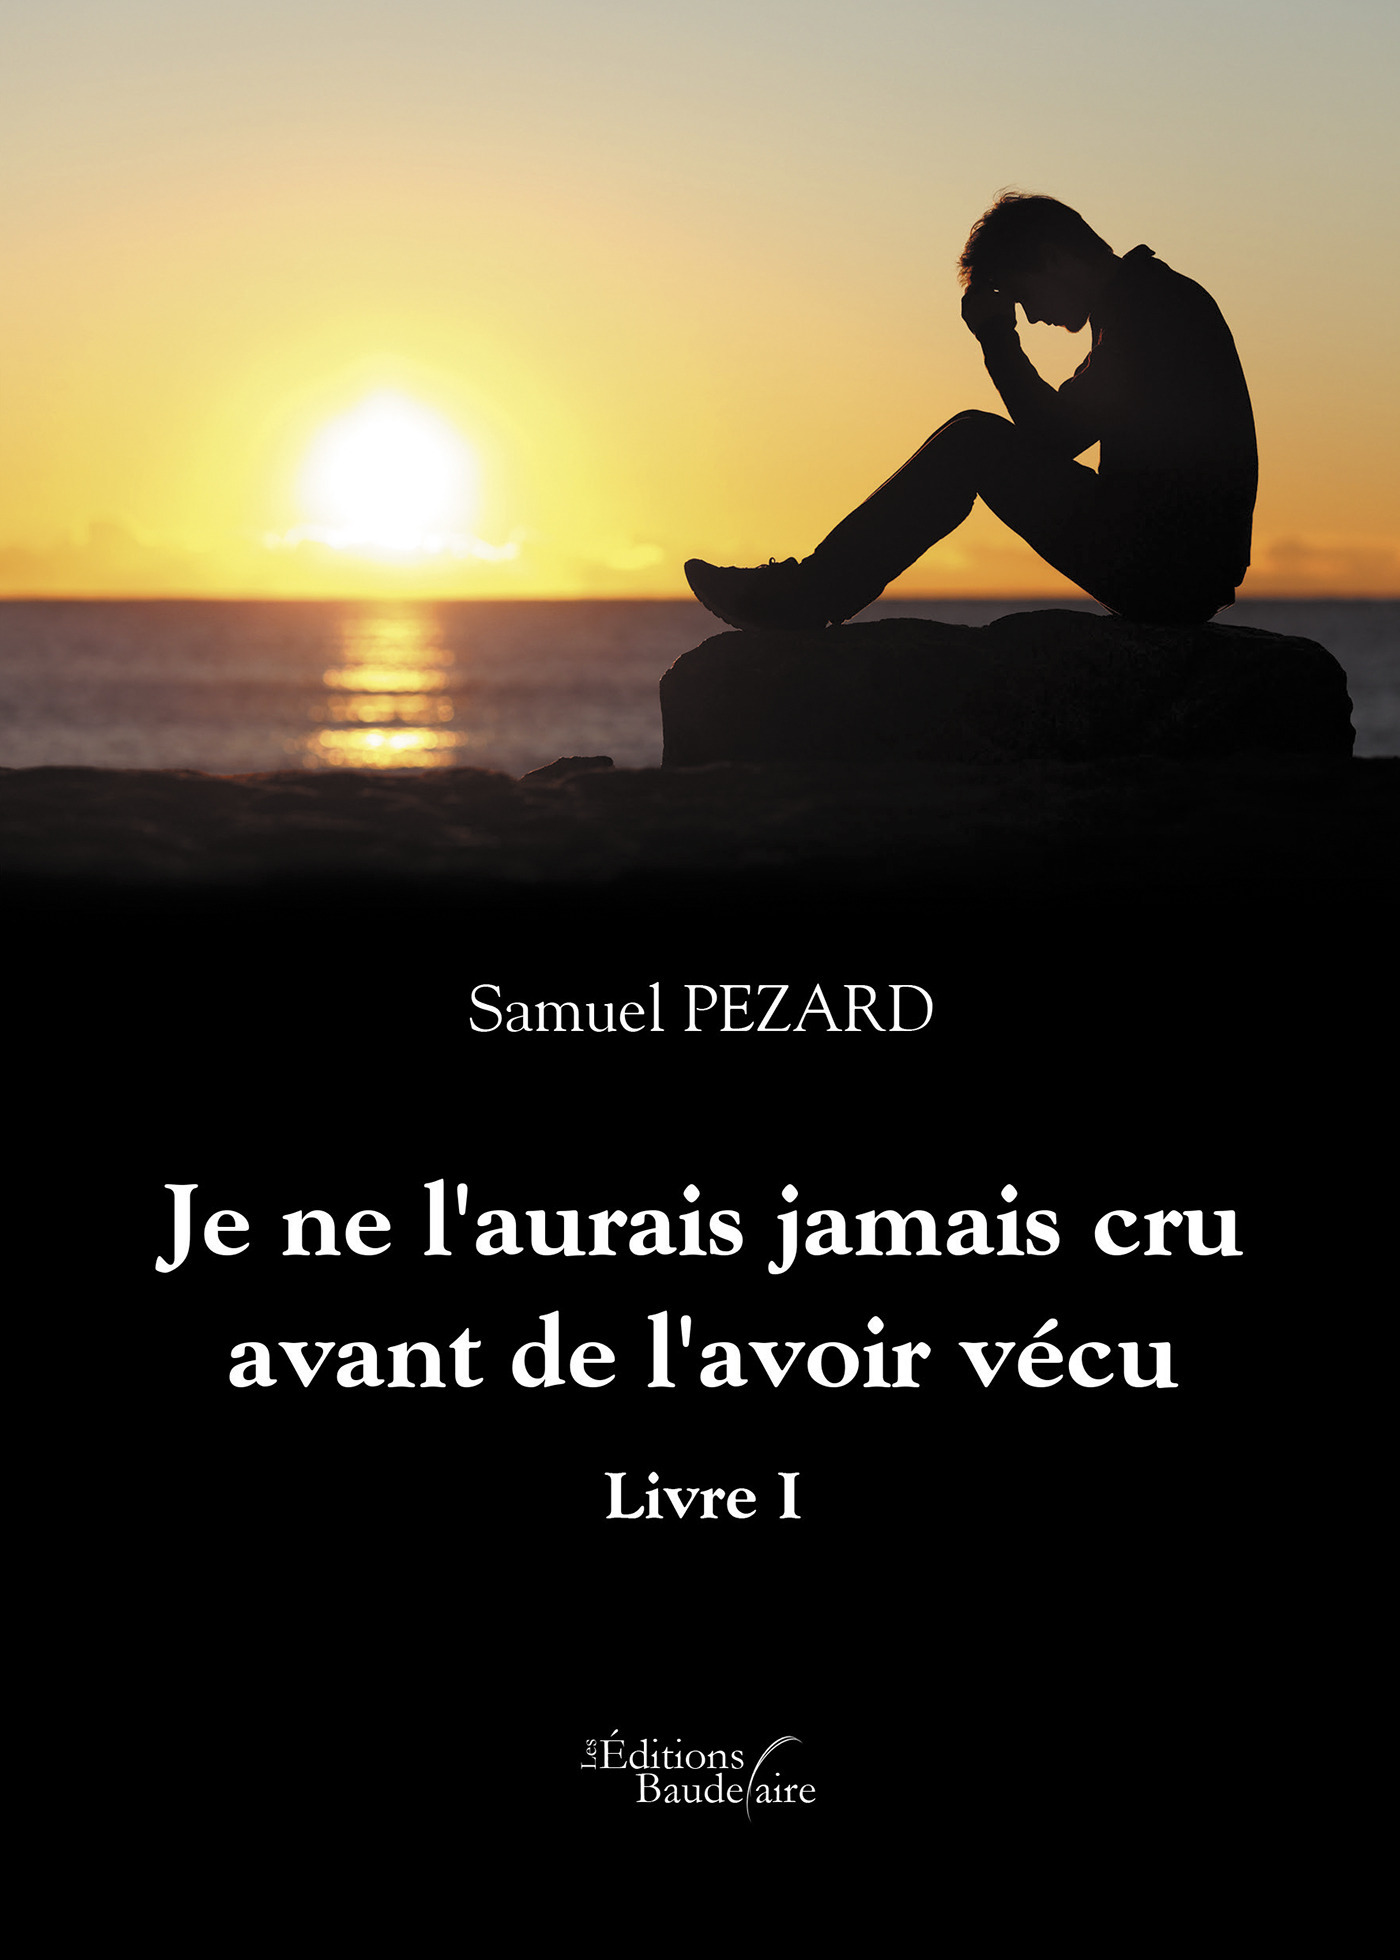 Samuel Pezard Je ne l'aurais jamais cru avant de l'avoir vécu - Livre I